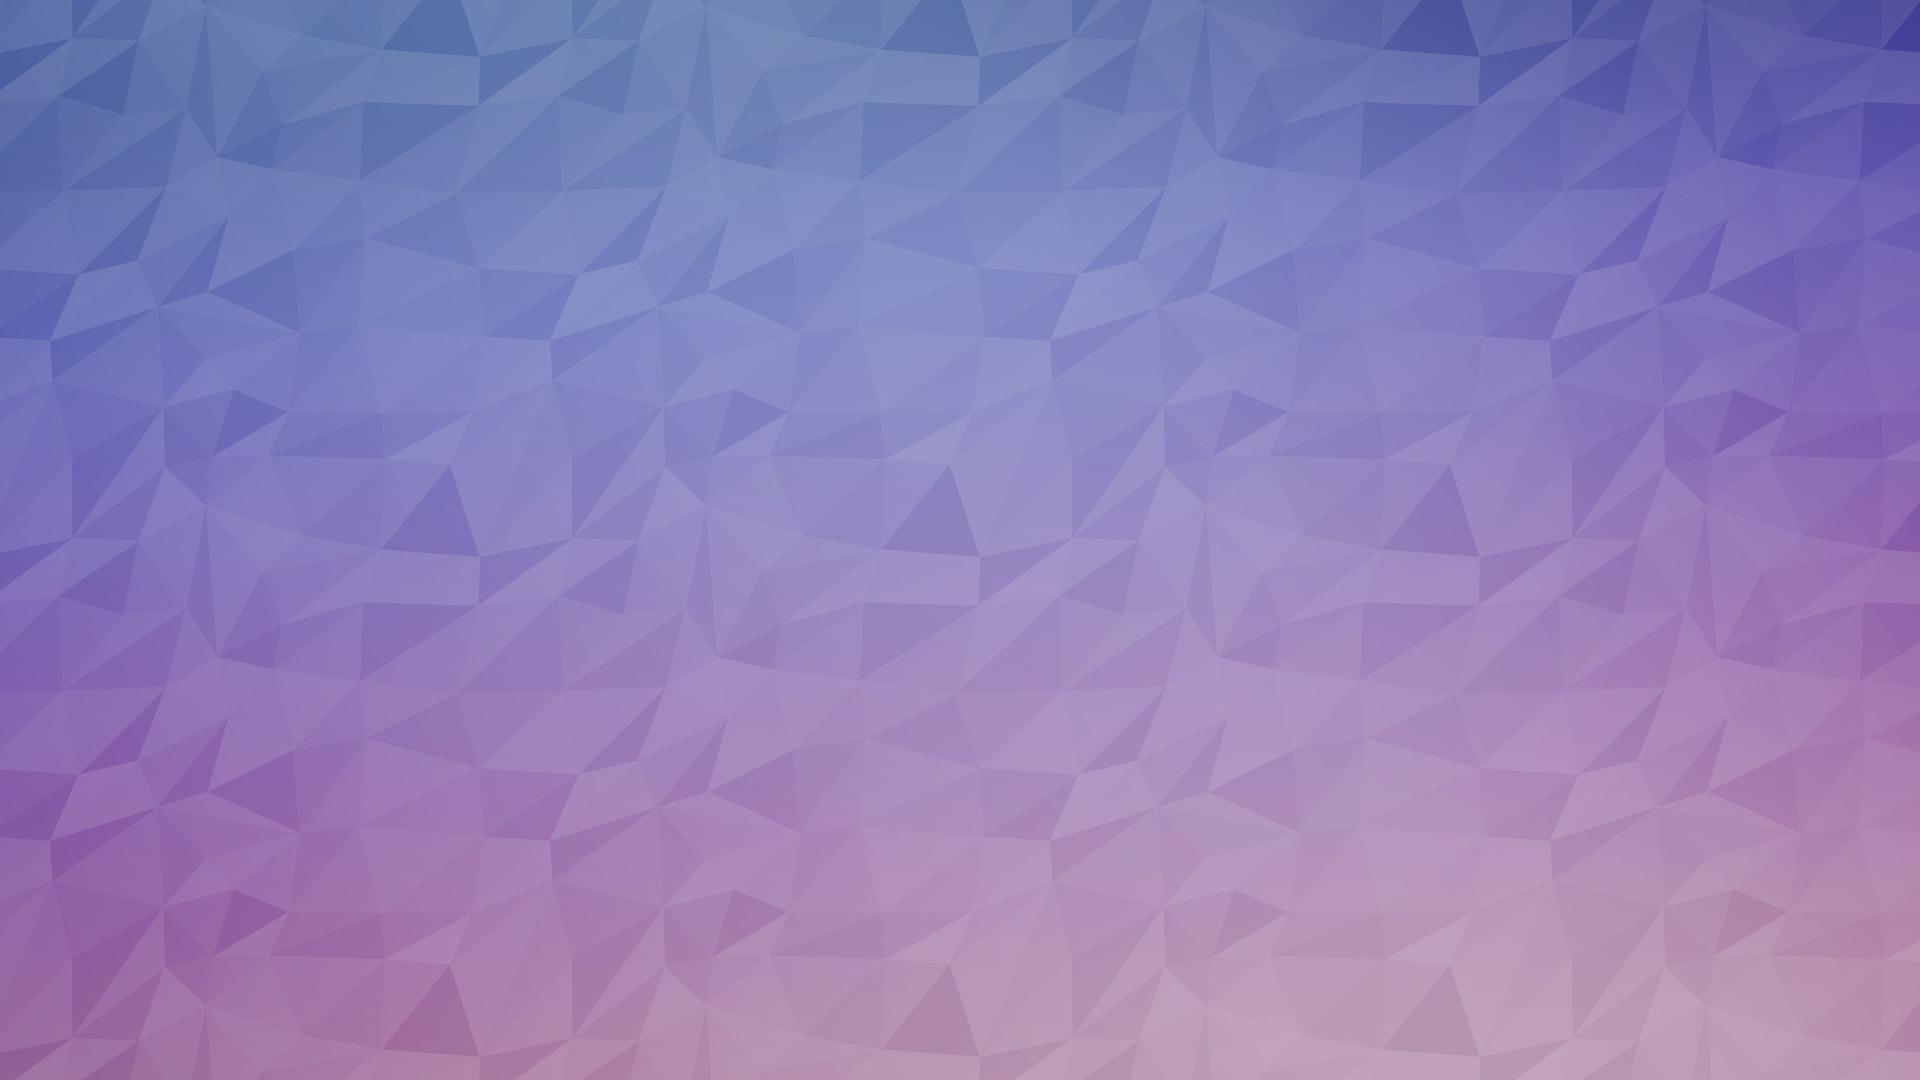 polygon violet background